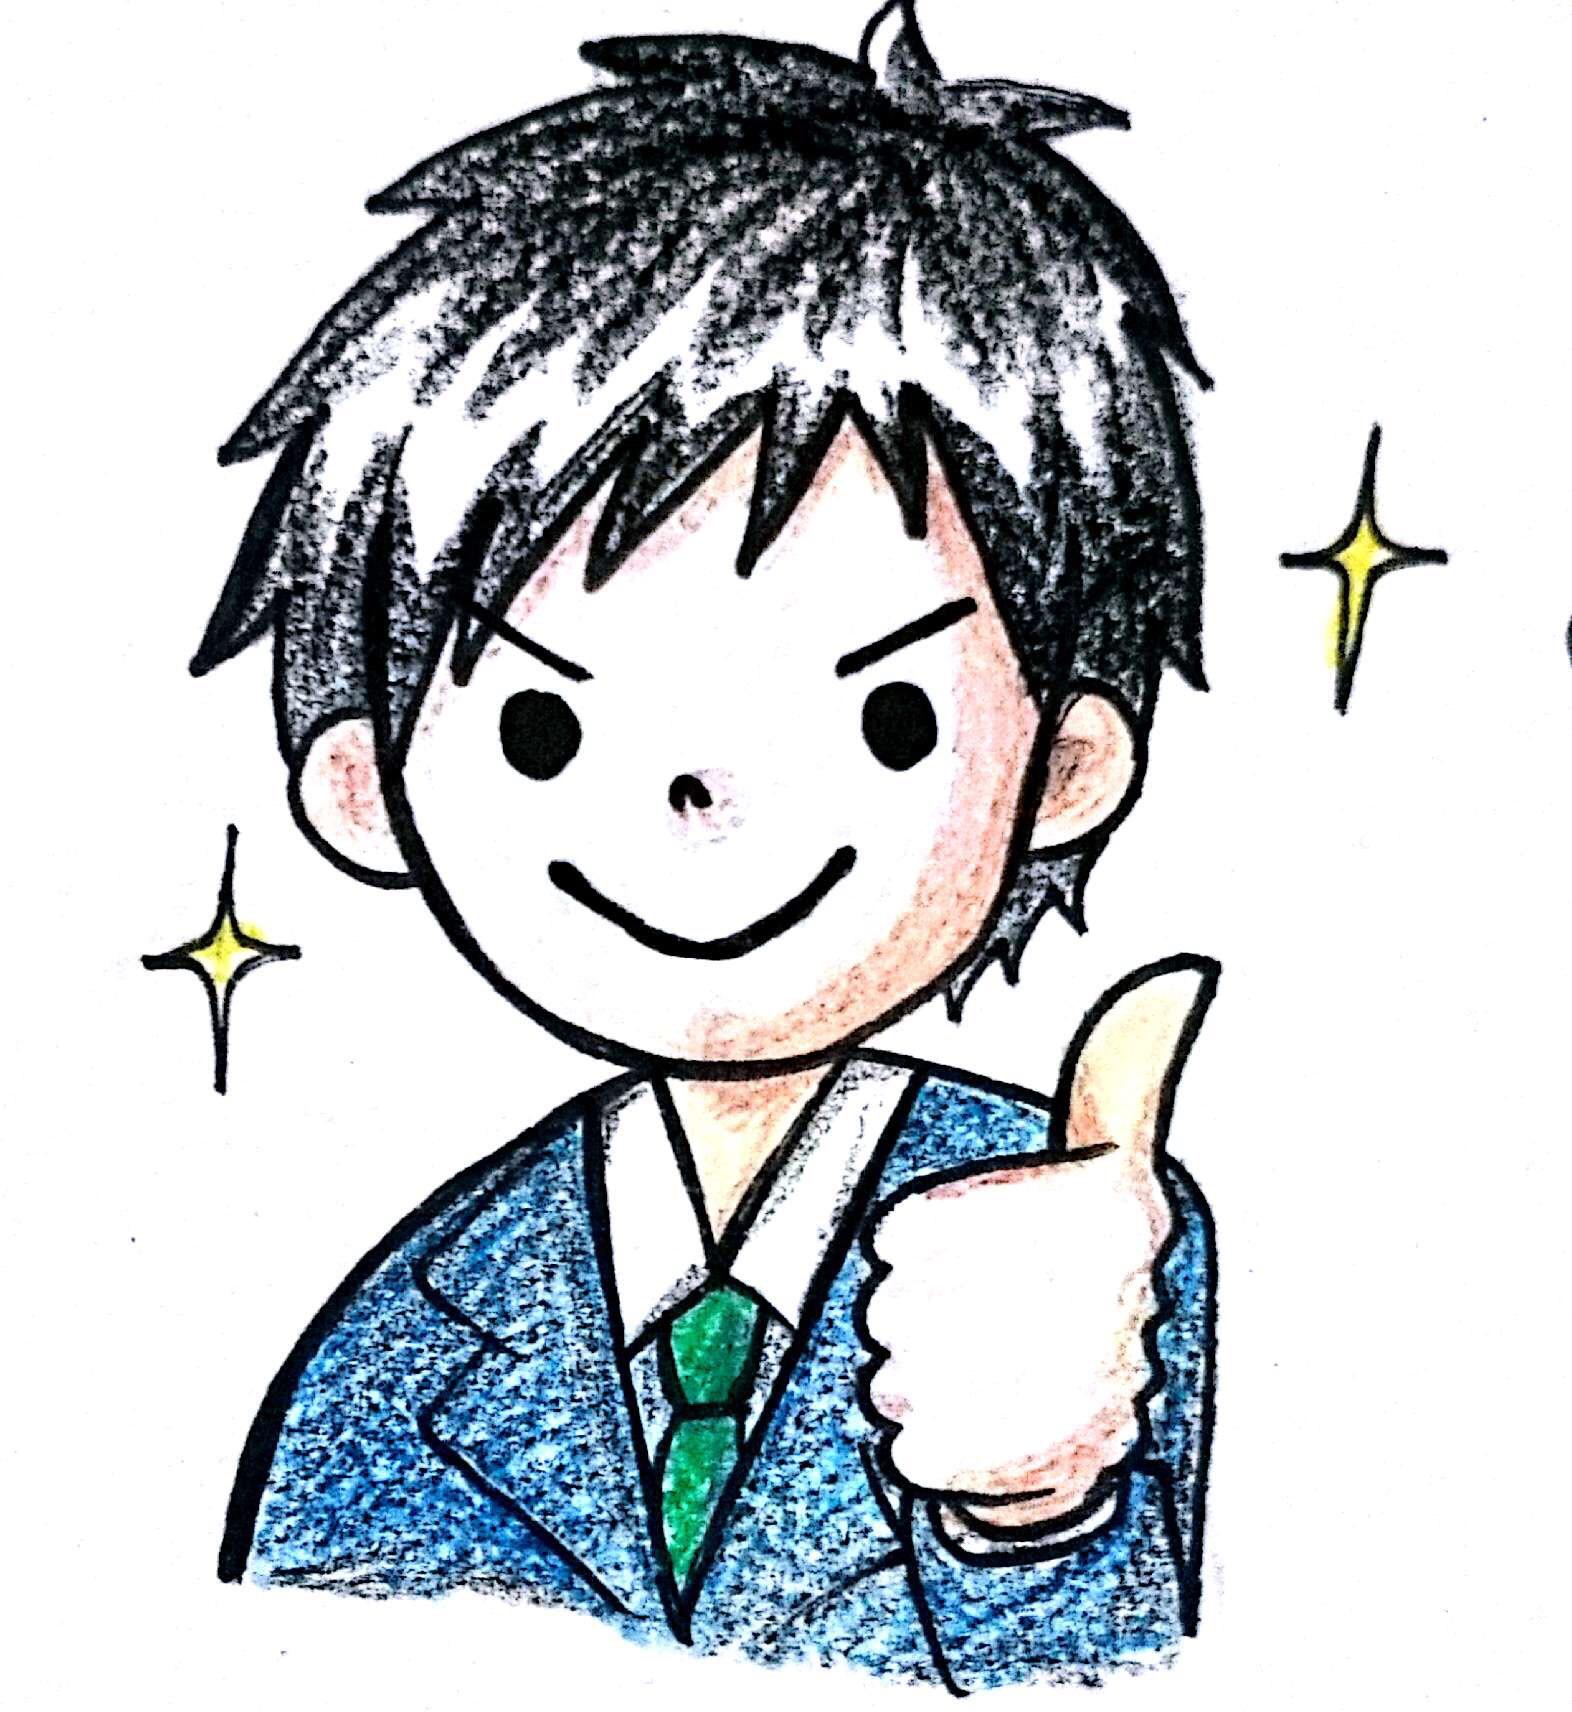 若いお兄さんが親指をたててgood!としている状態を表現した手書きの絵